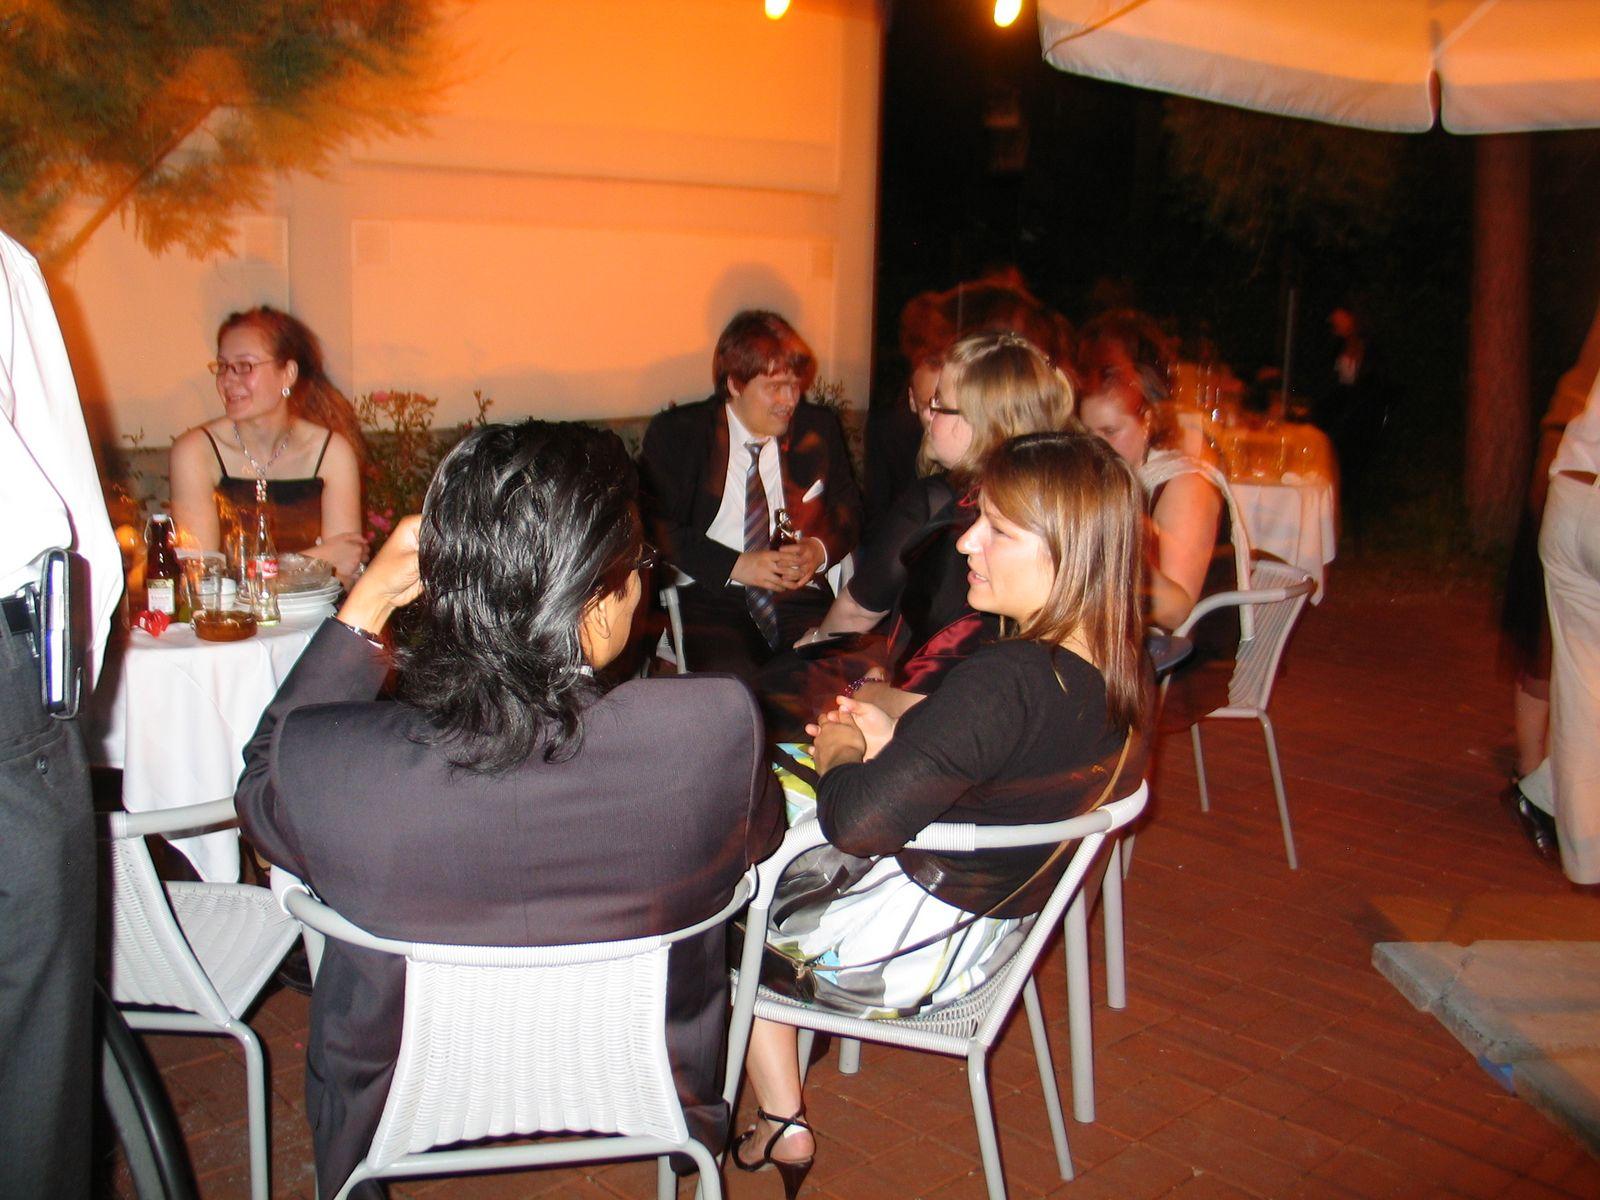 ESG-Sommerball 2010